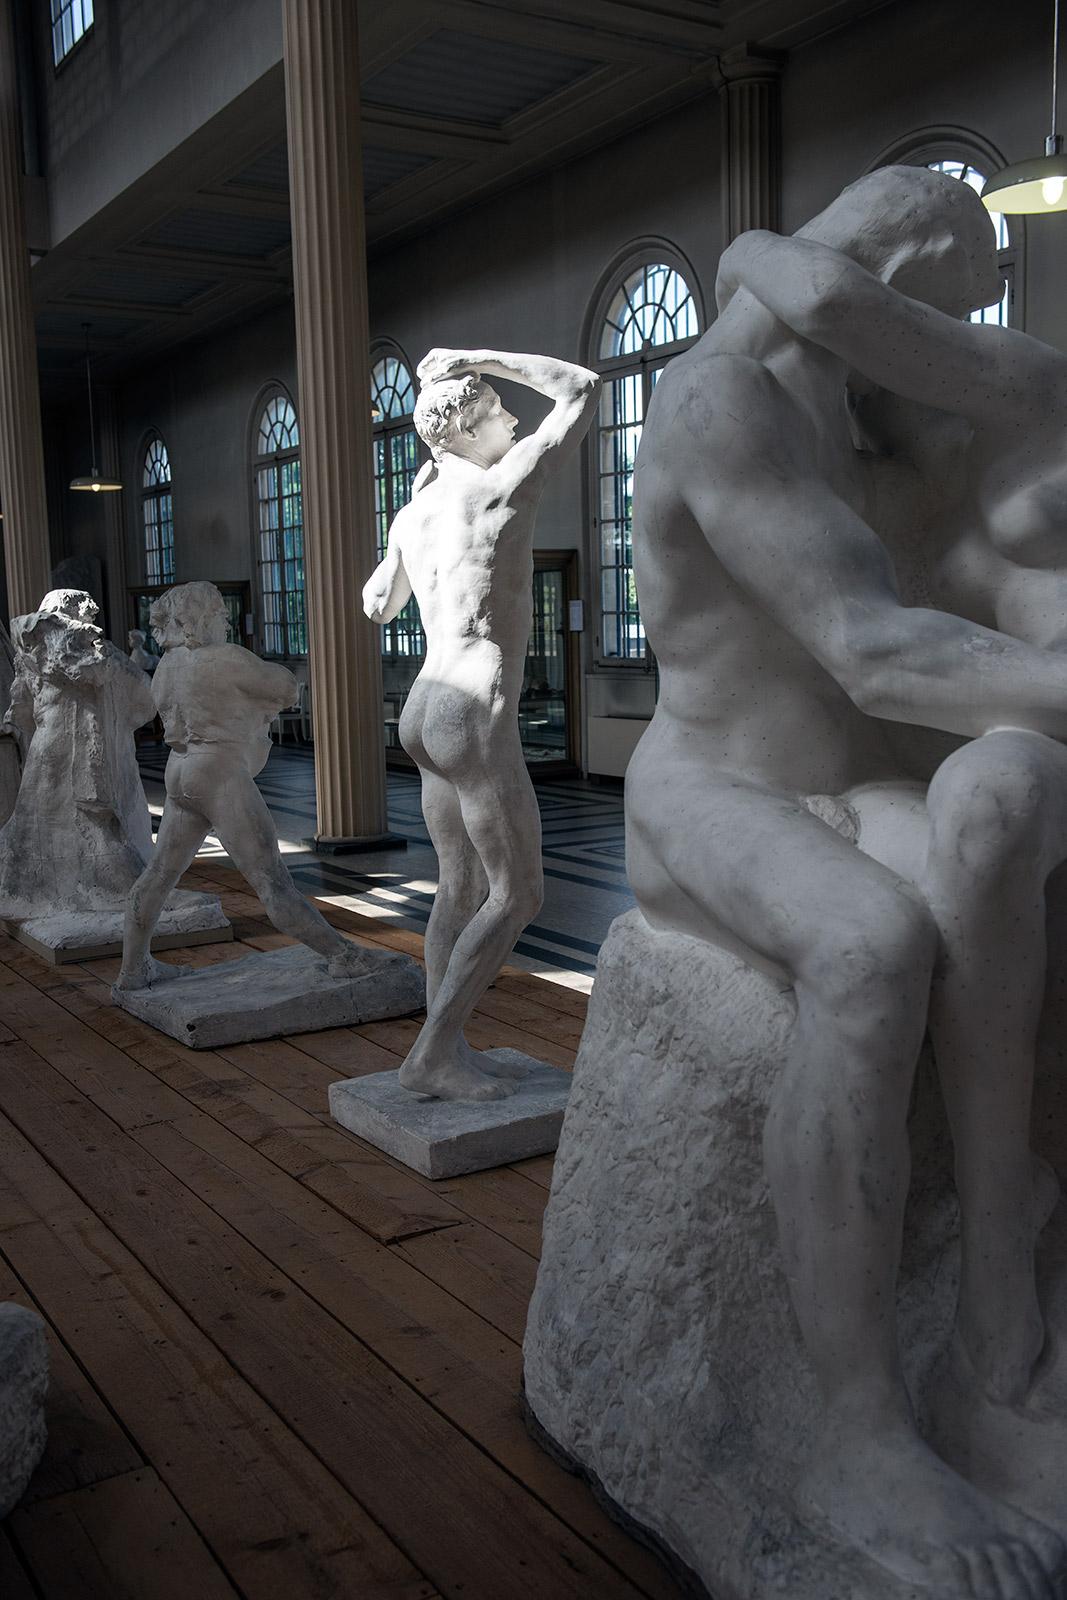 Le musée présente de nombreux plâtres dont les œuvres monumentales de Rodin.